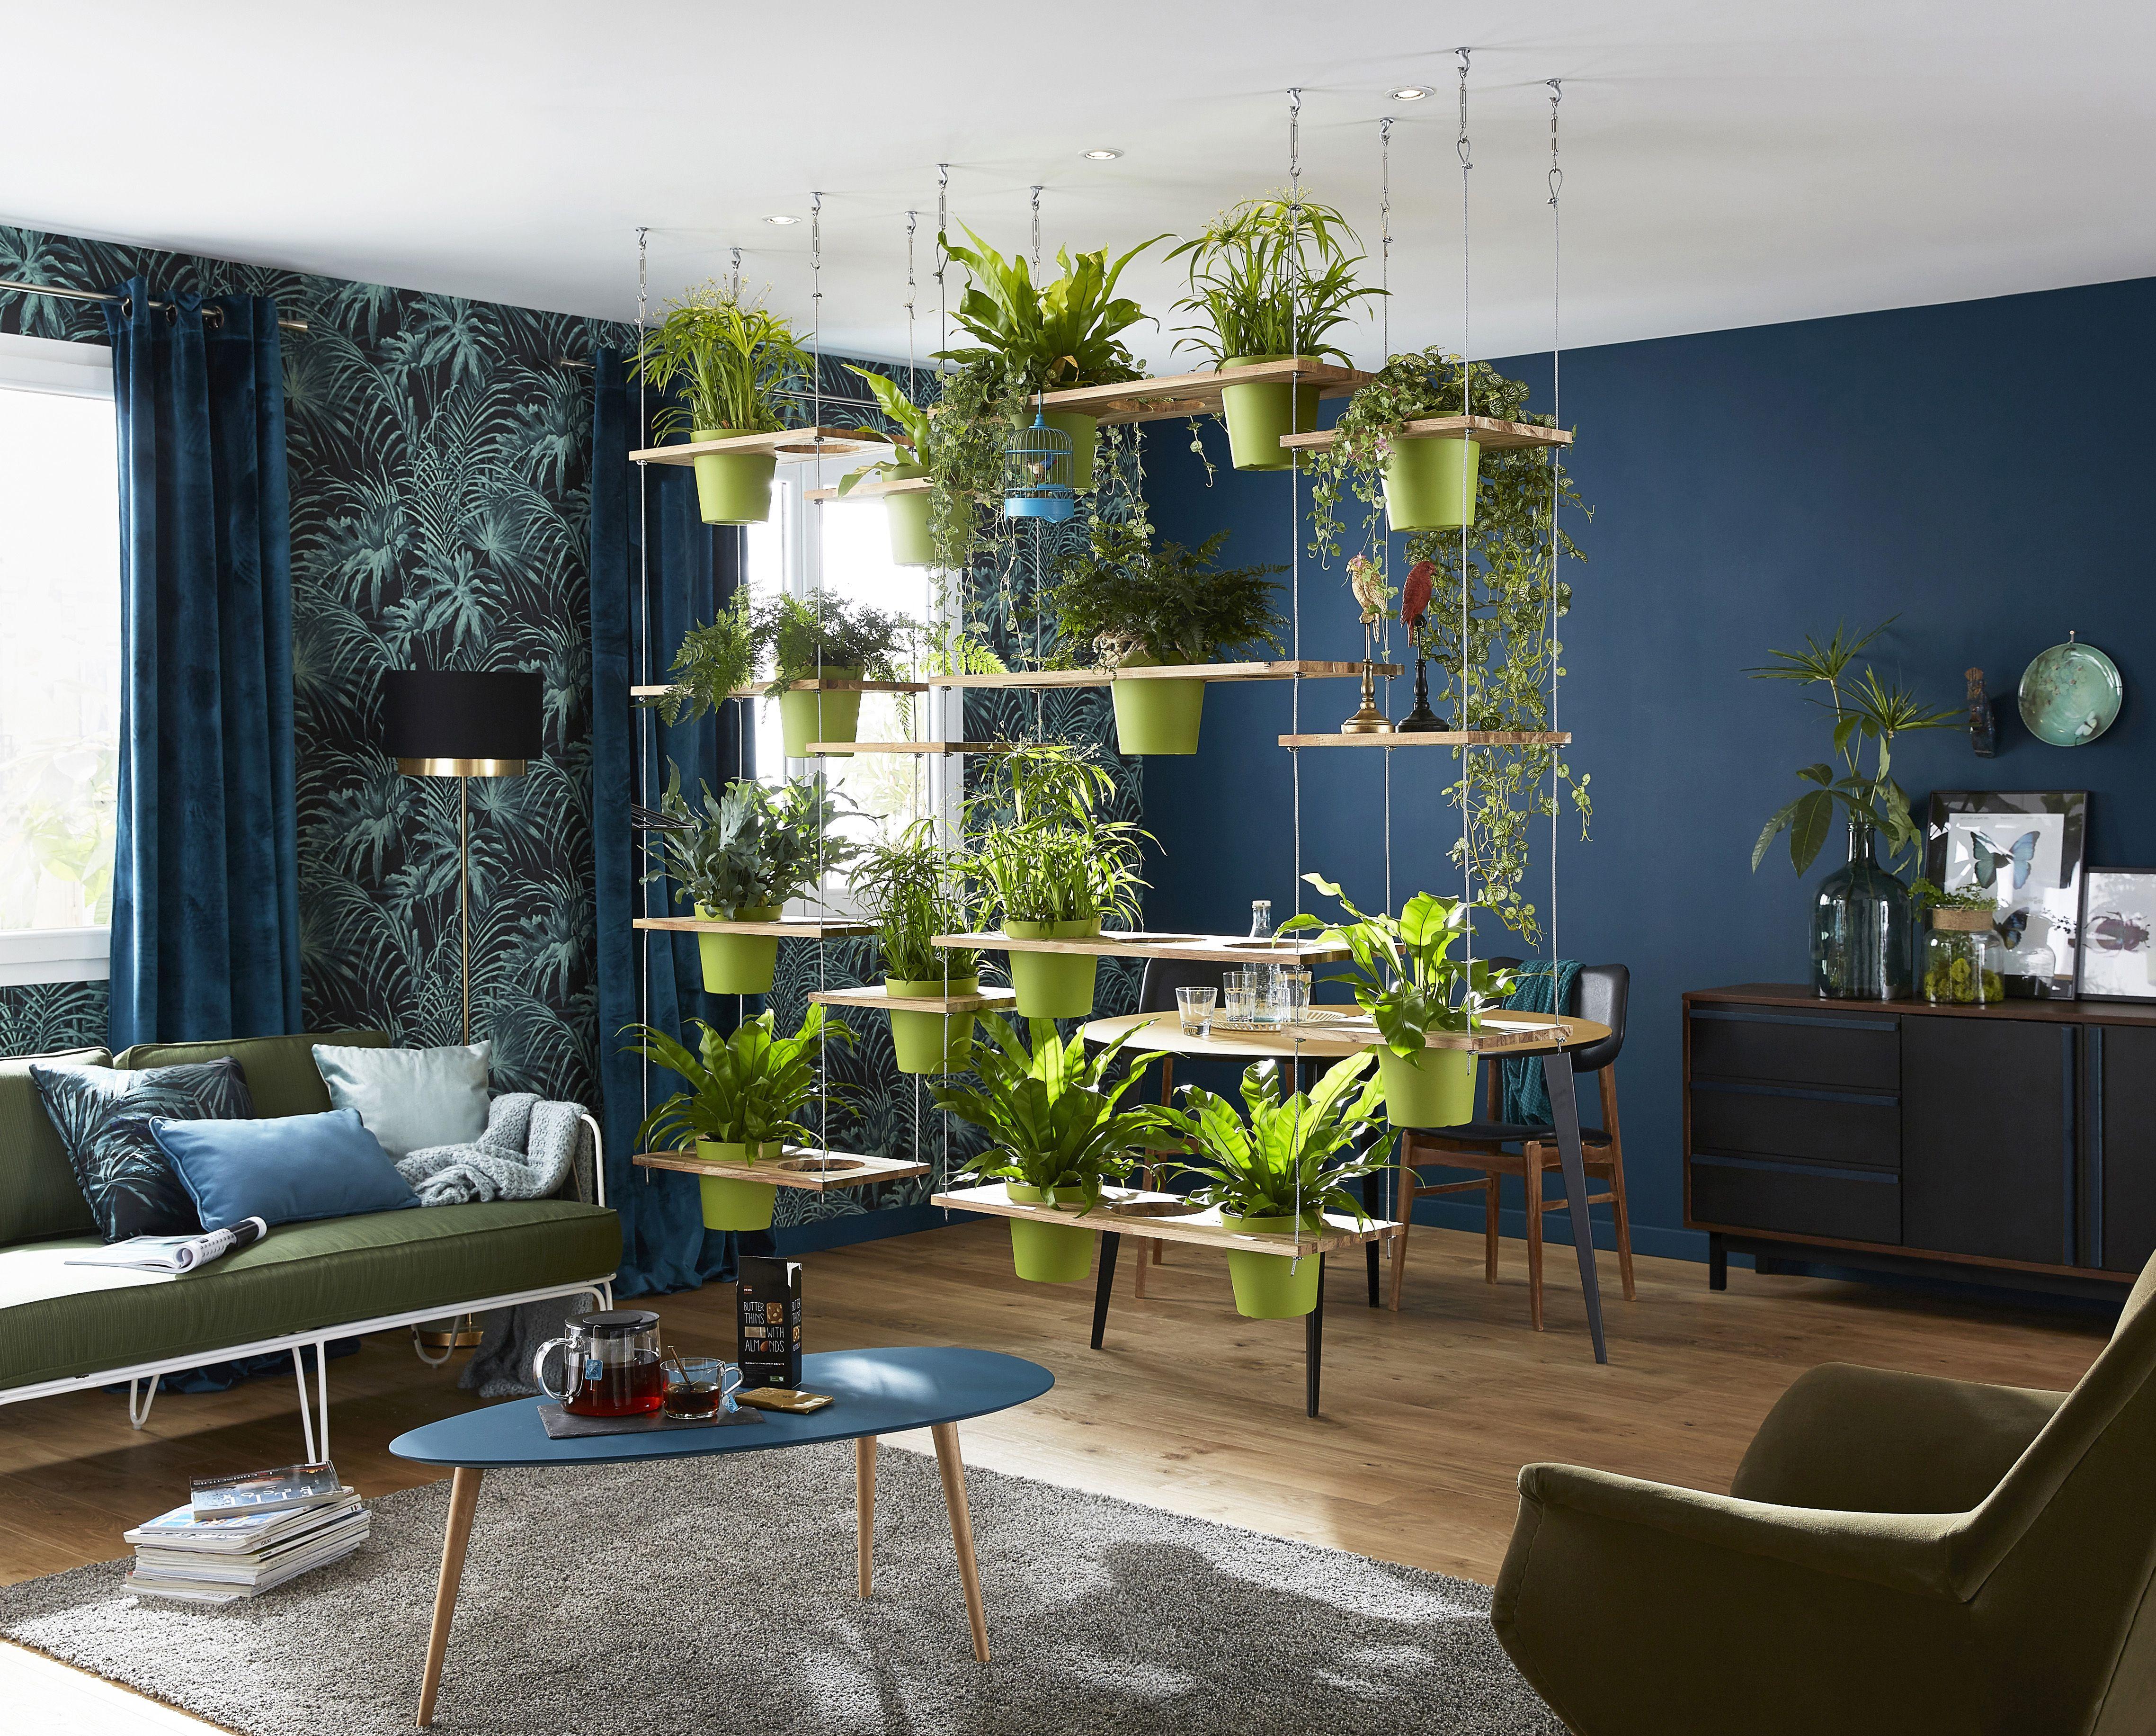 une séparation de pièce végétale originale, design et même un peu